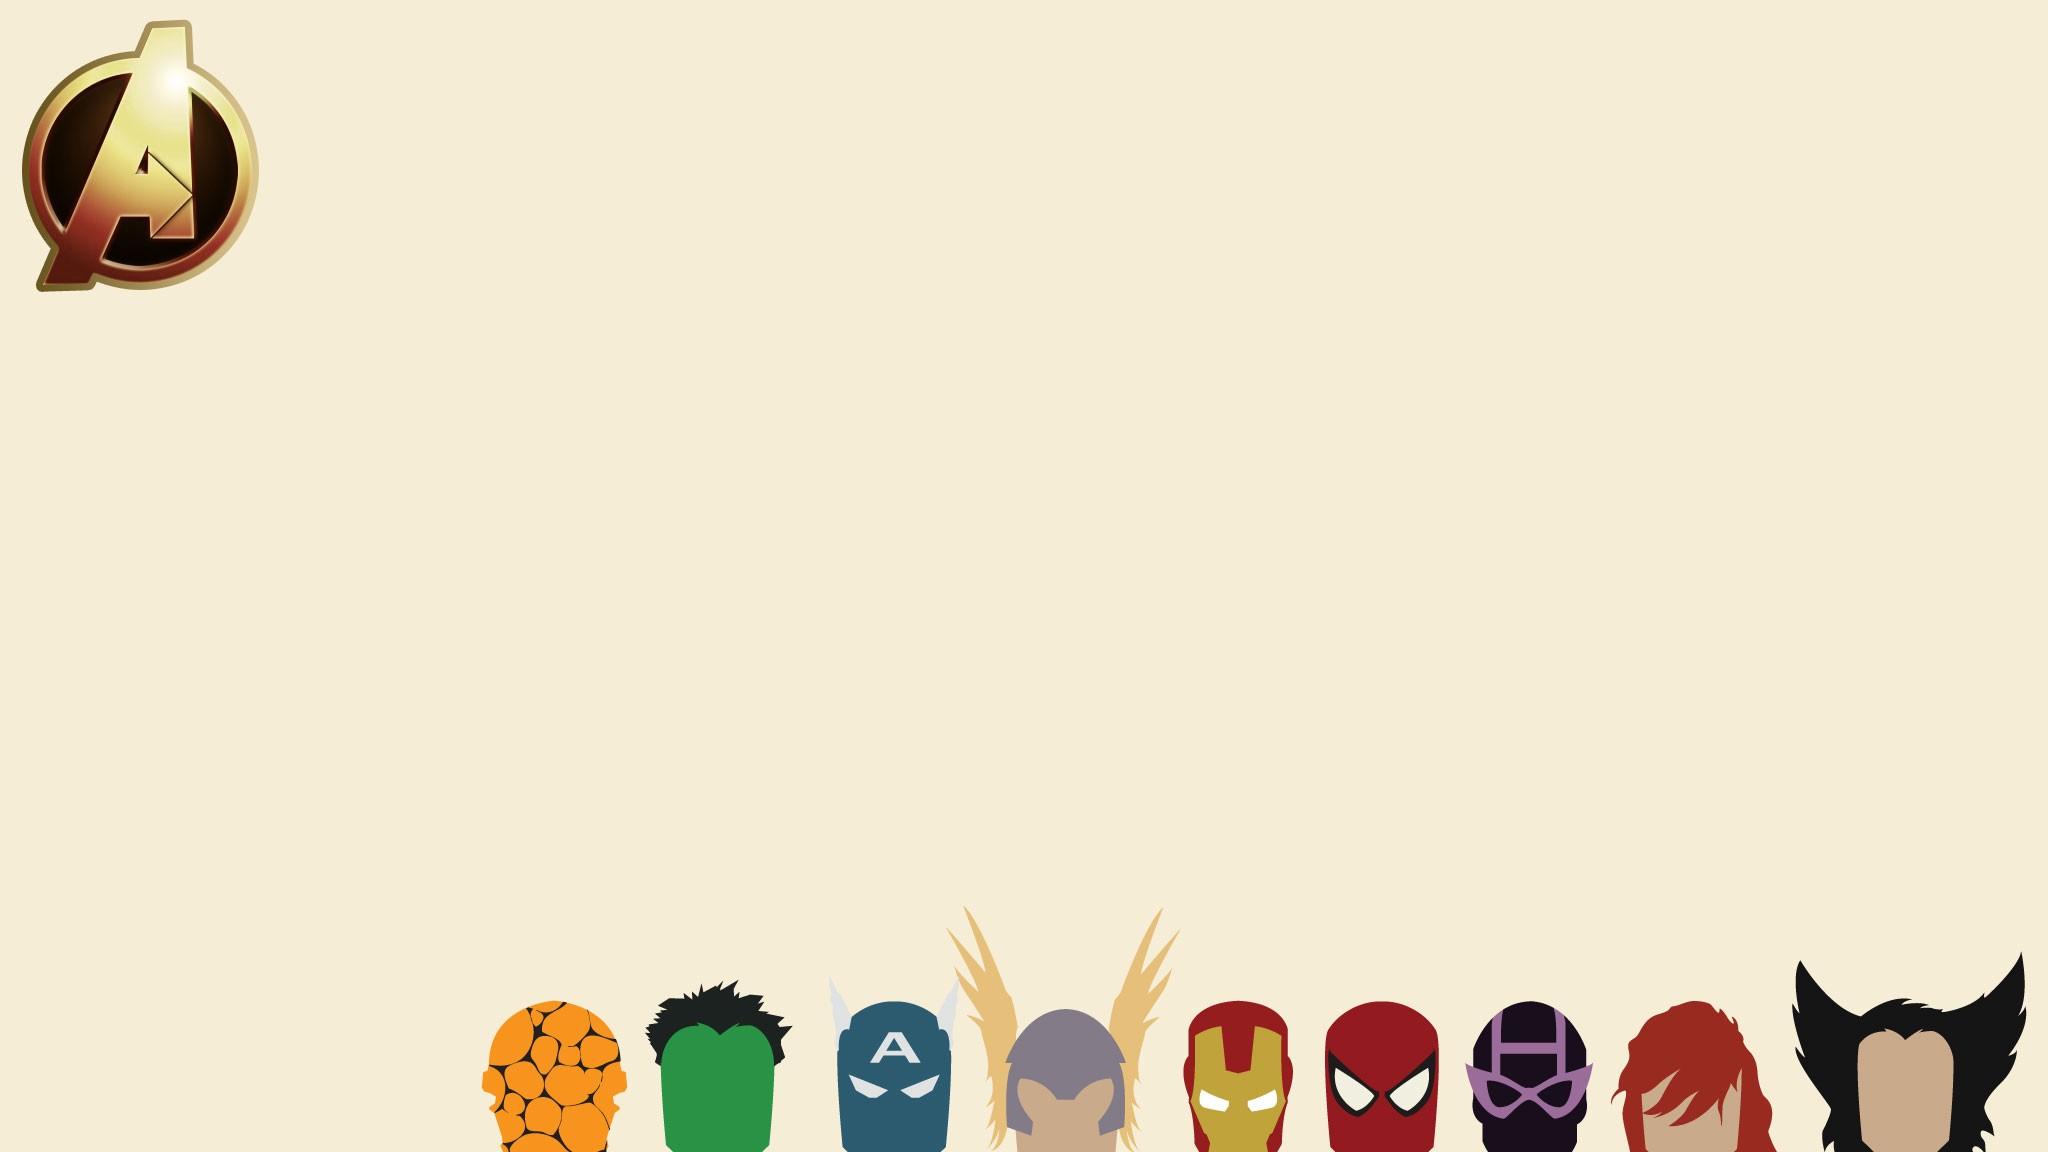 Minimalistic Avengers comics Marvel Comics wallpaper 2048x1152 2048x1152